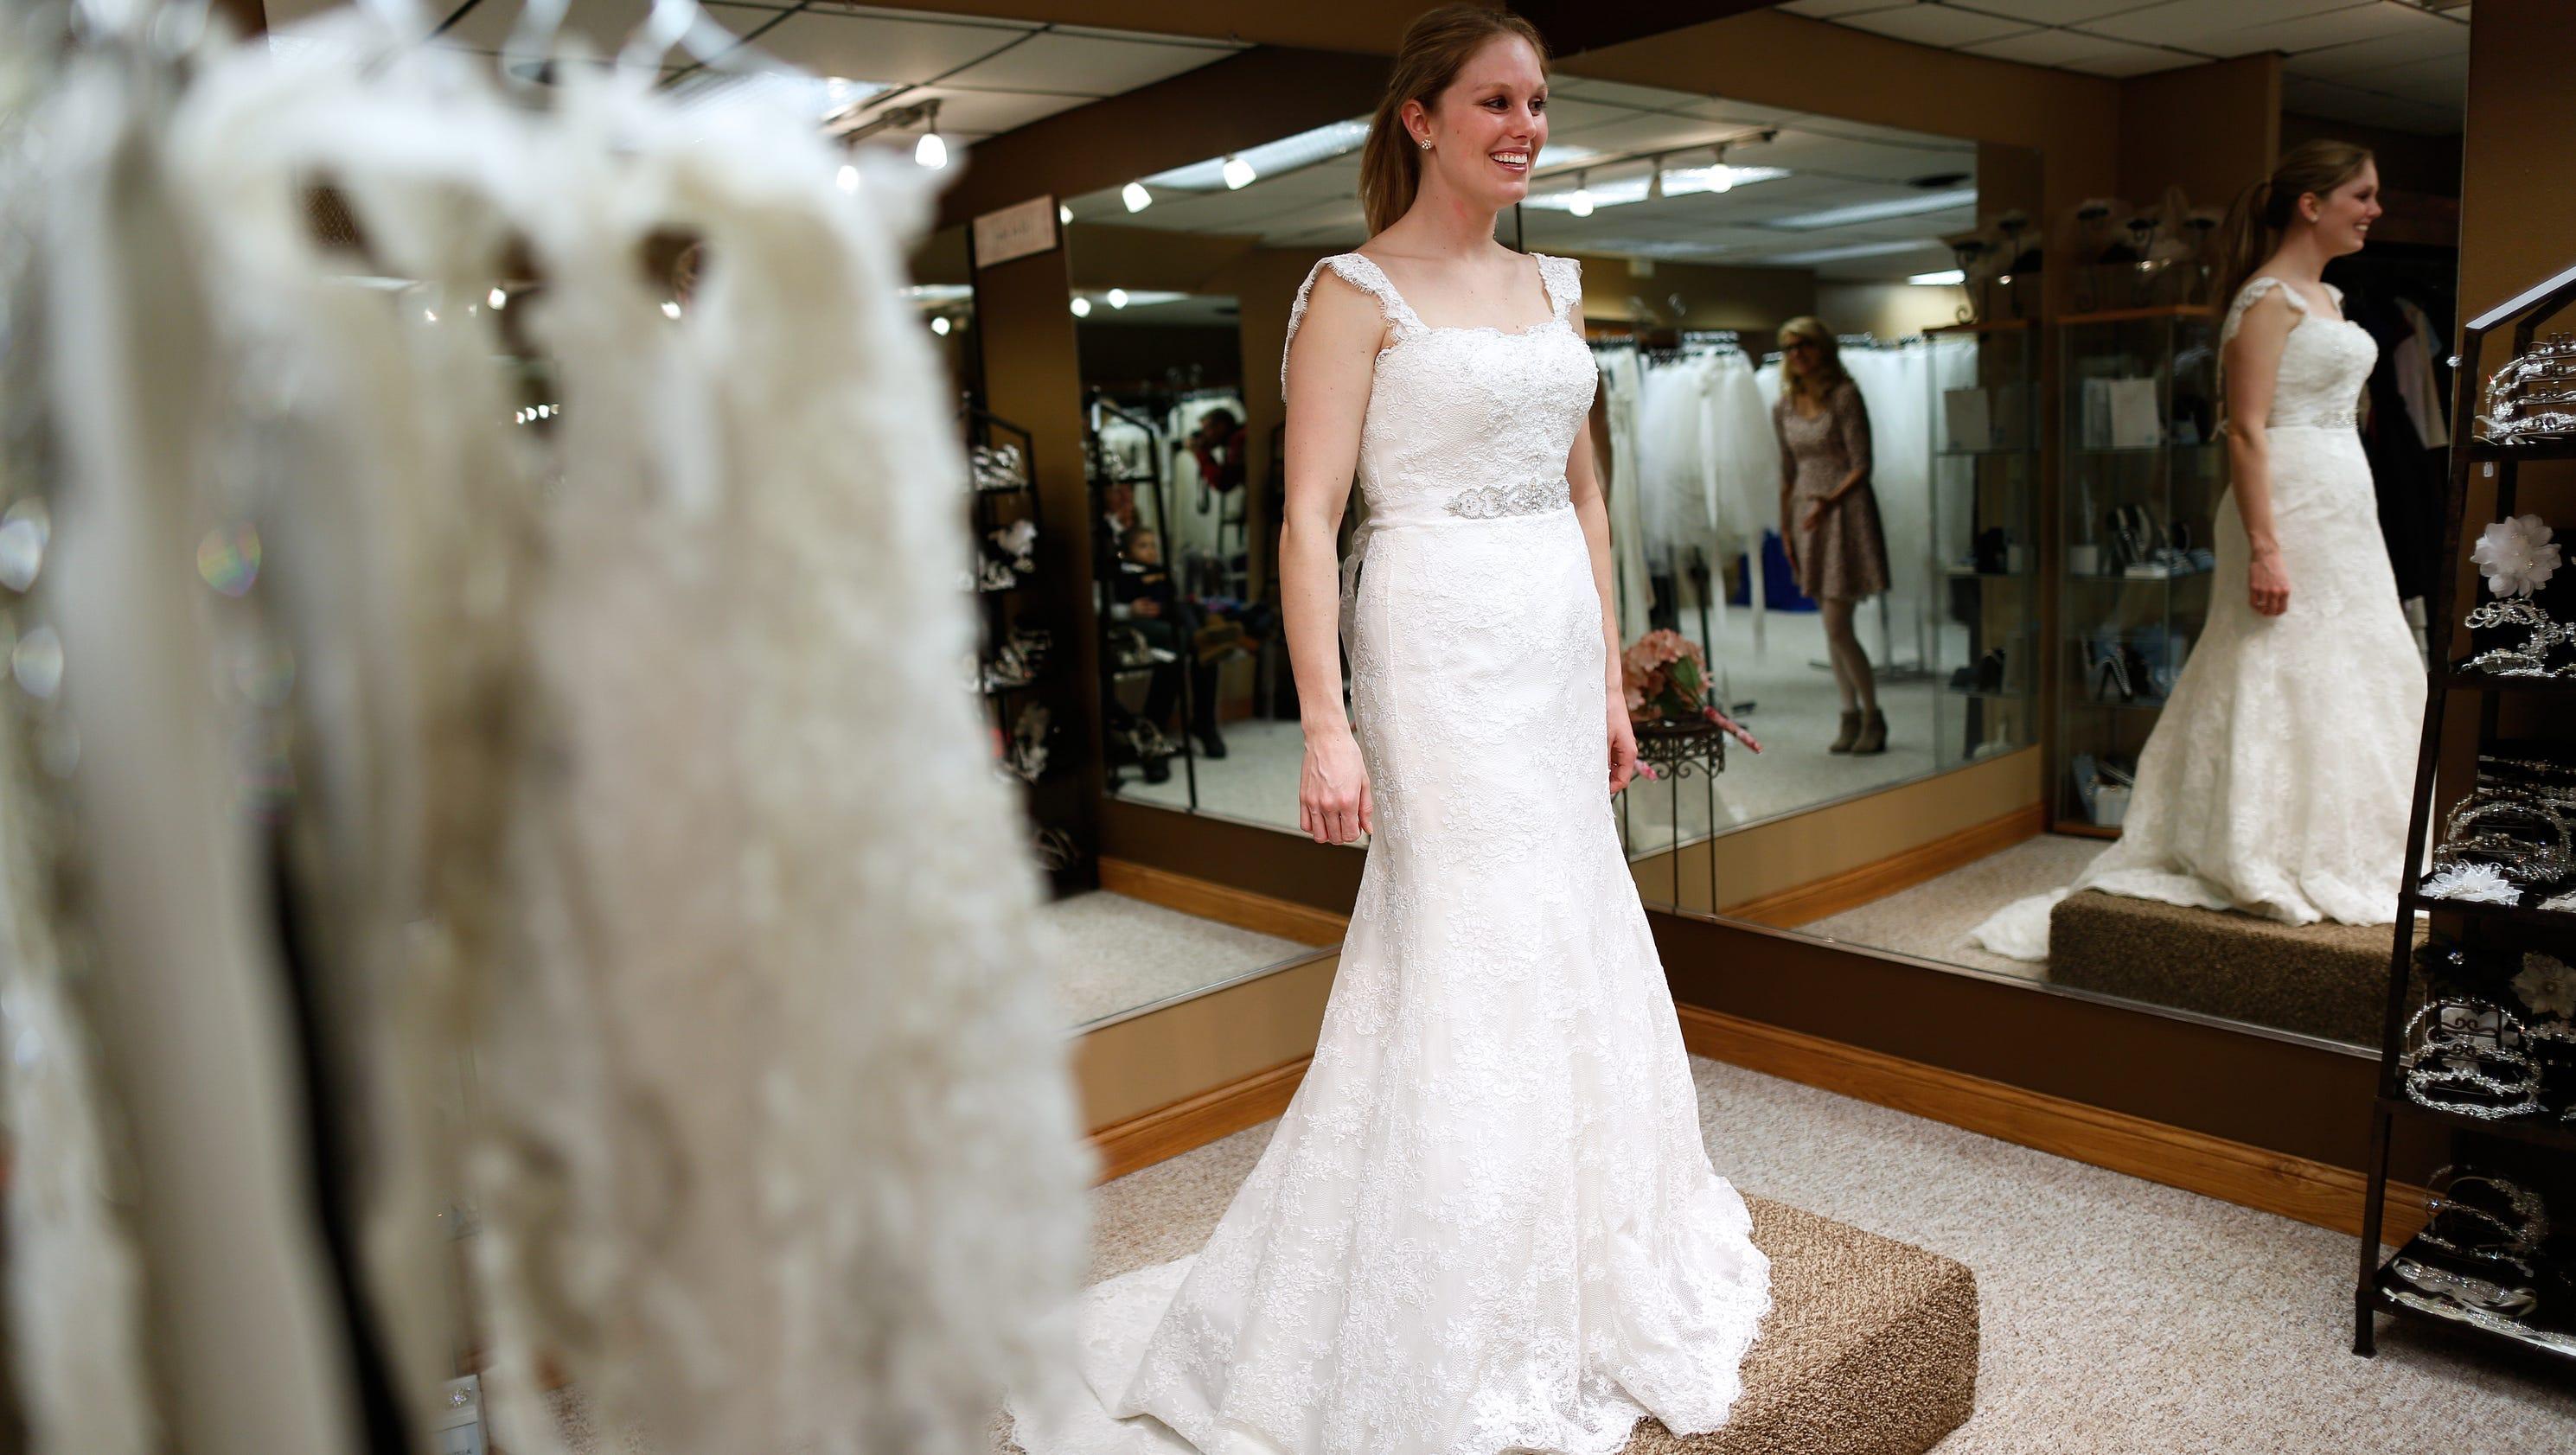 Bridal Consignment Green Bay Wi